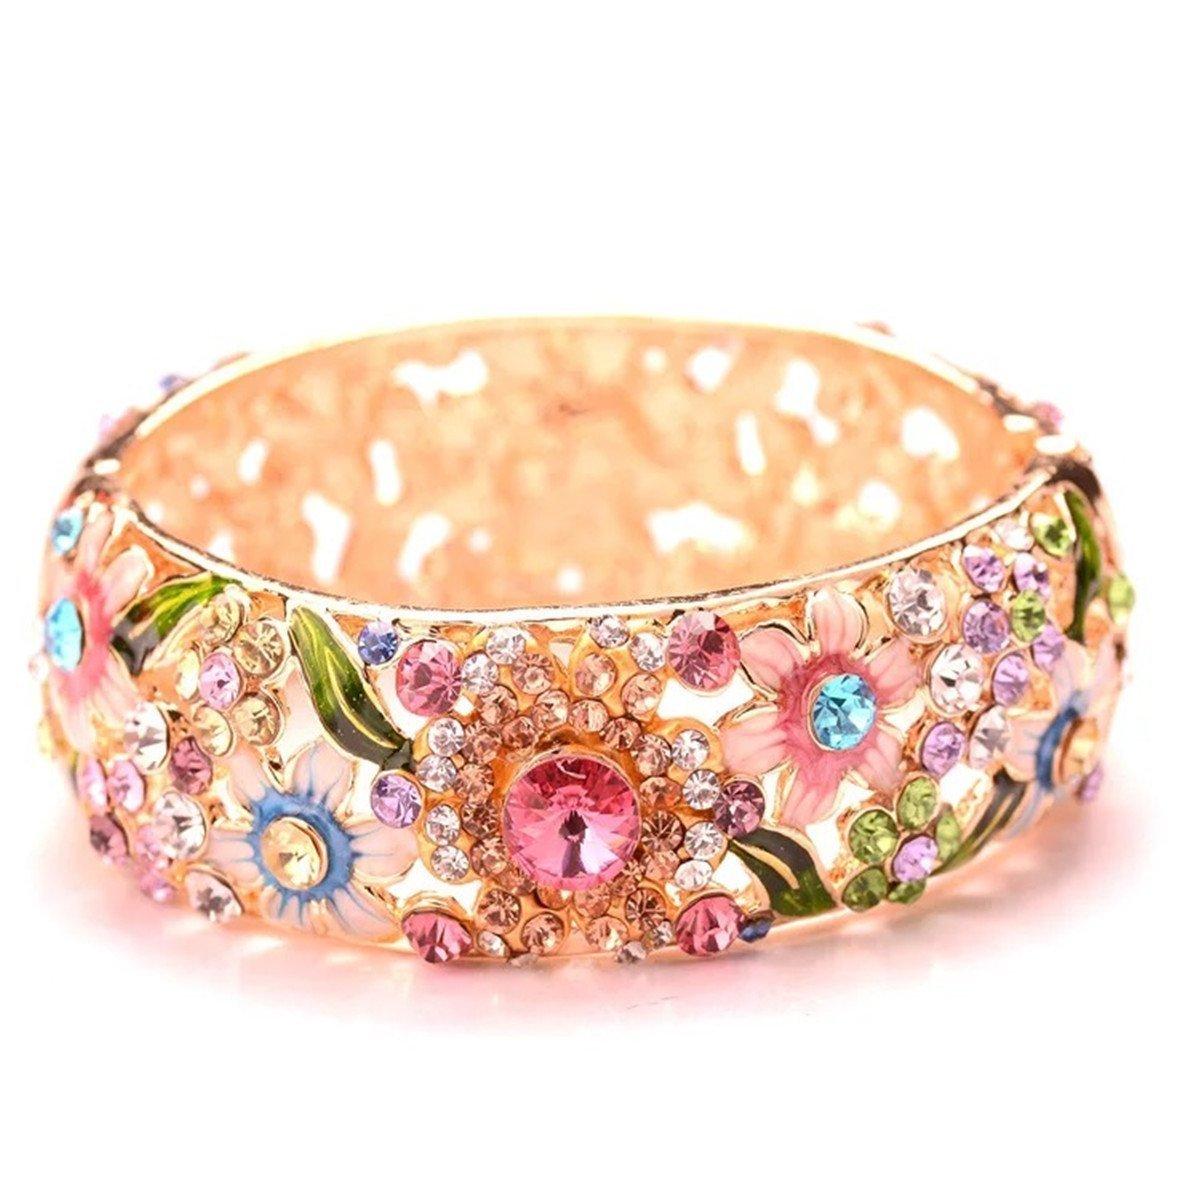 Mondora Prom Bracelet Cuff Wide Flower Enamel Women's Austrian Crystal Gold-Tone Multicolor